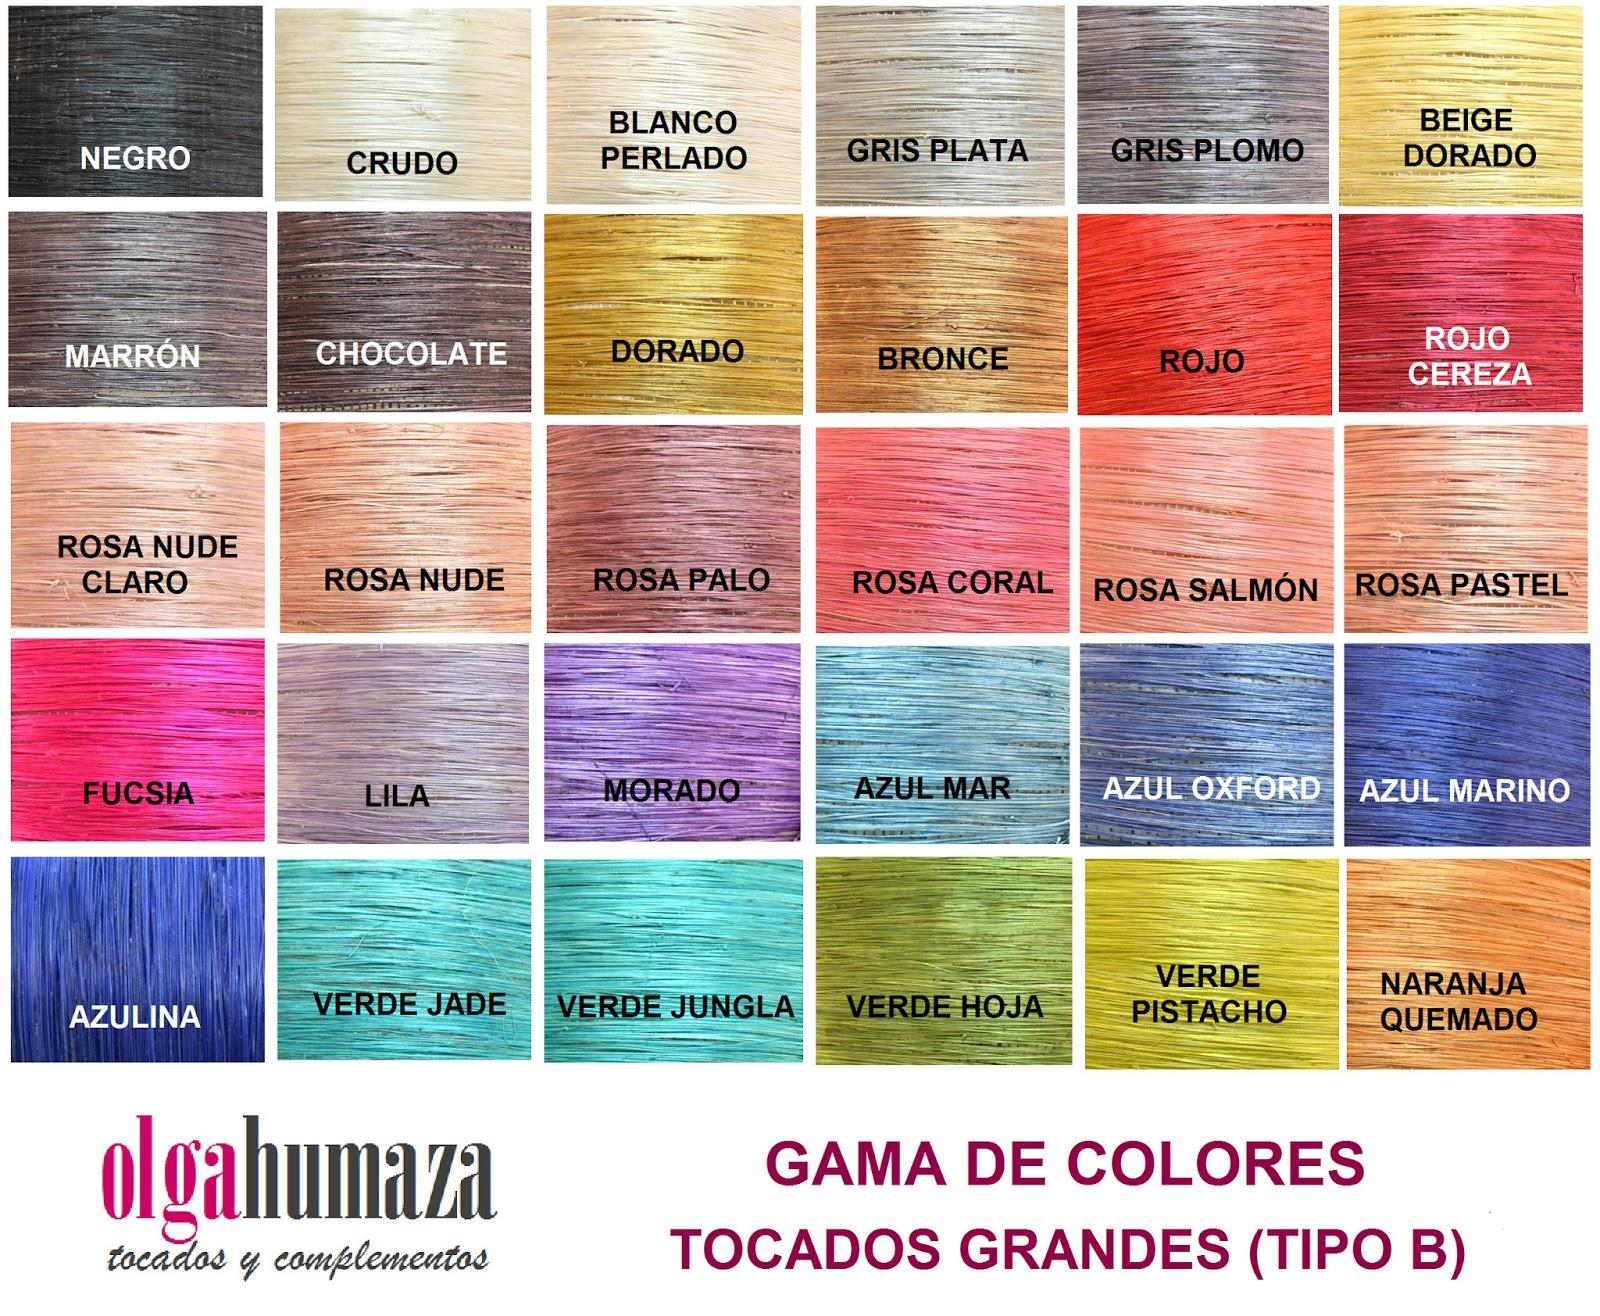 Olga humaza tocados y complementos tocado gris - Colores que combinan con gris ...